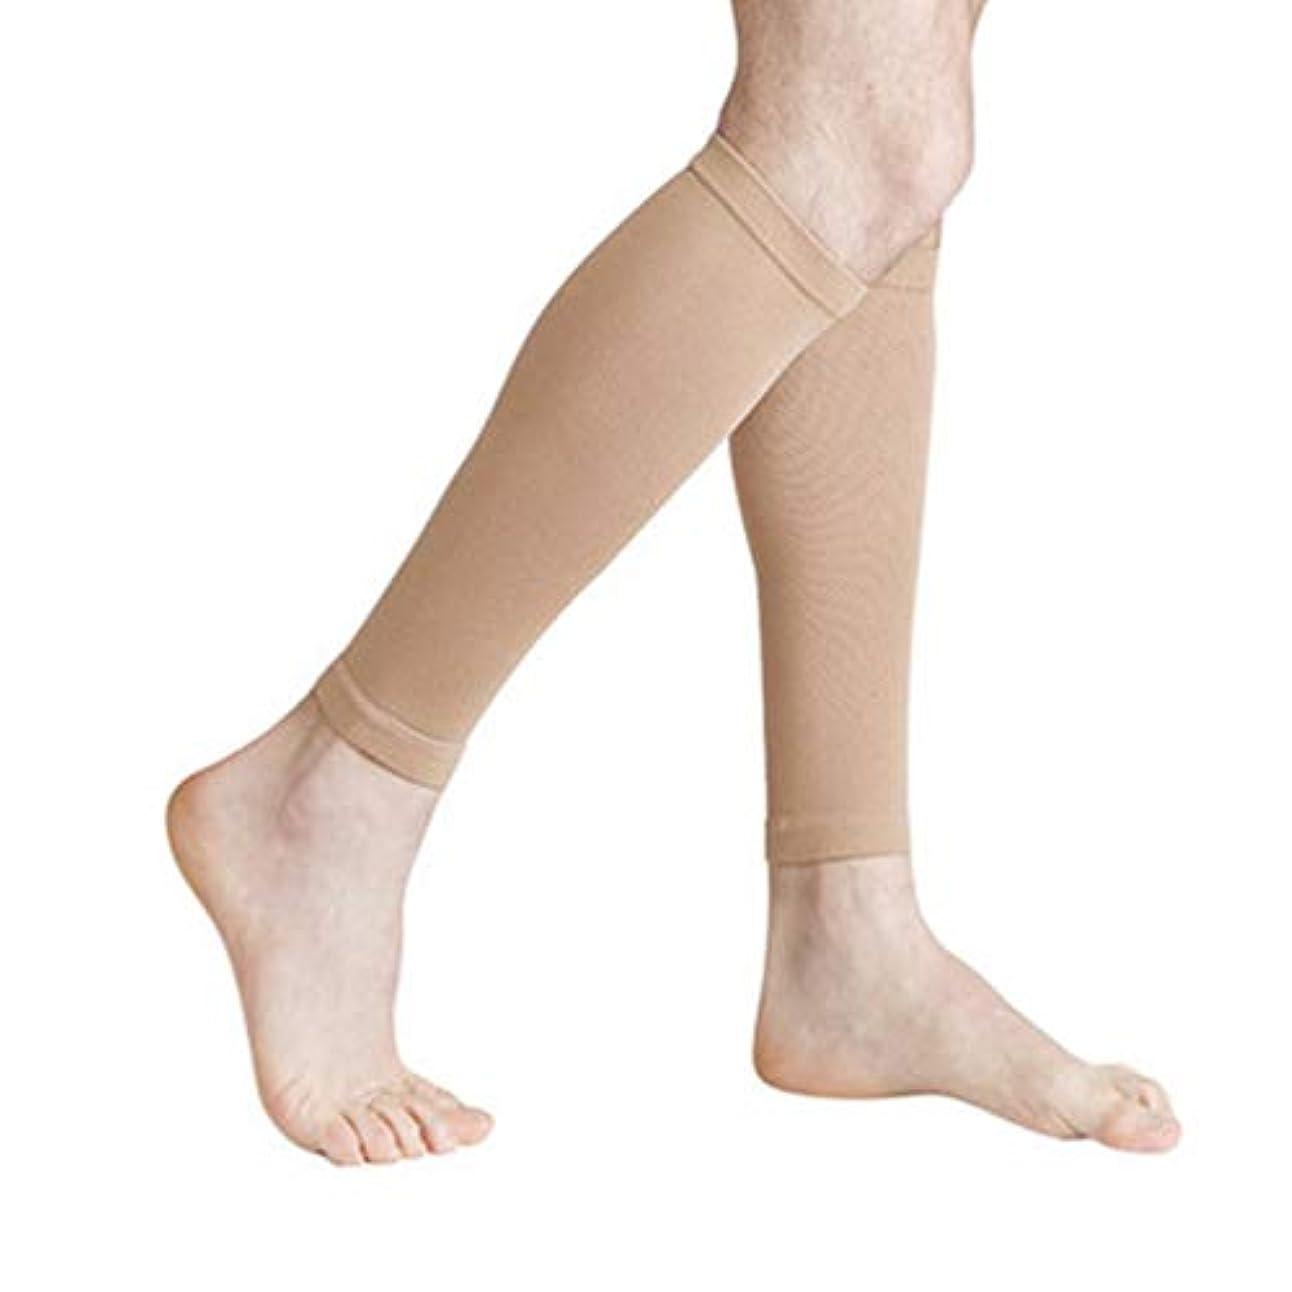 正義慰めご予約丈夫な男性女性プロの圧縮靴下通気性のある旅行活動看護師用シントスプリントフライトトラベル - 肌色